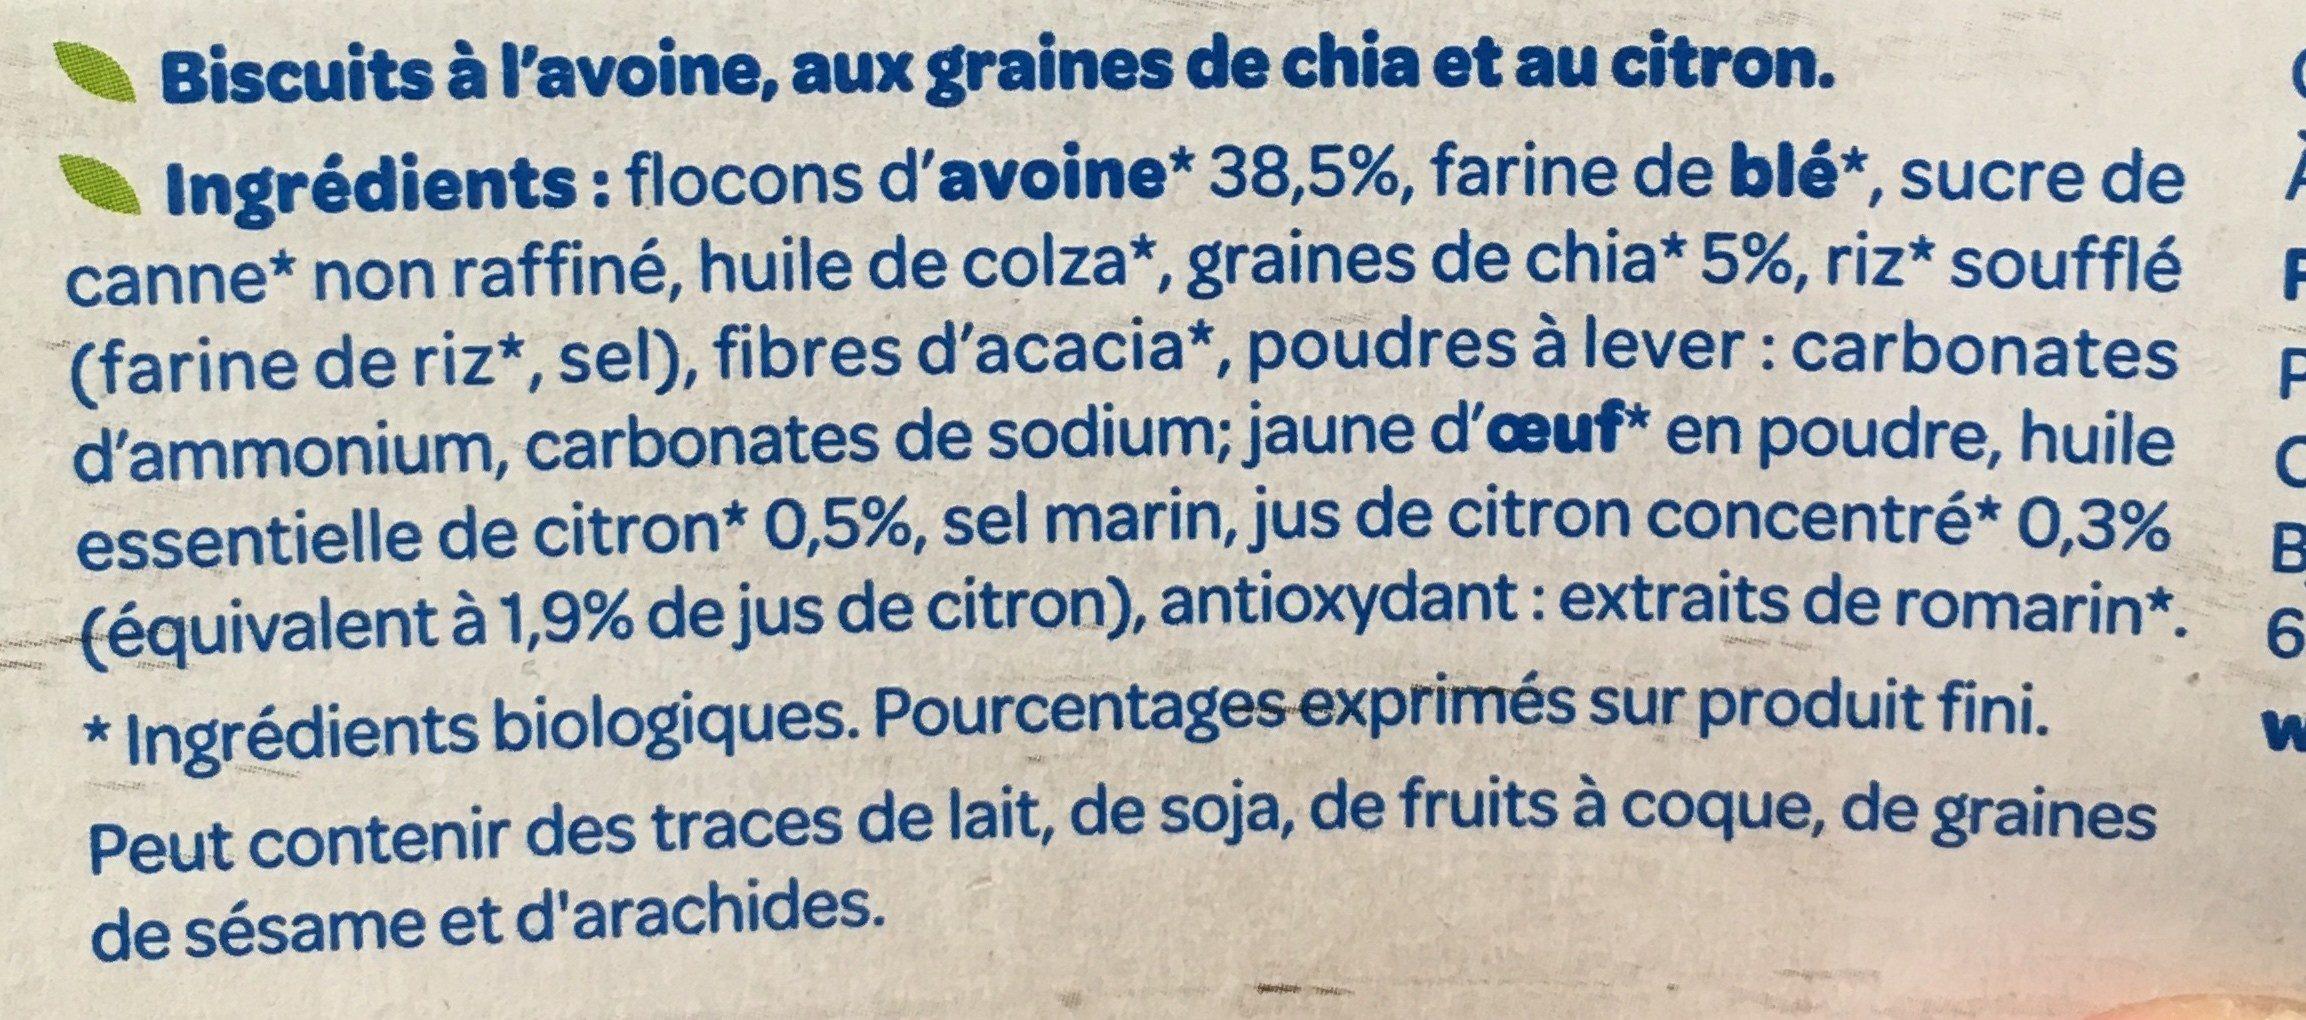 Biscuits avoine citron graines de chia - Ingrediënten - fr